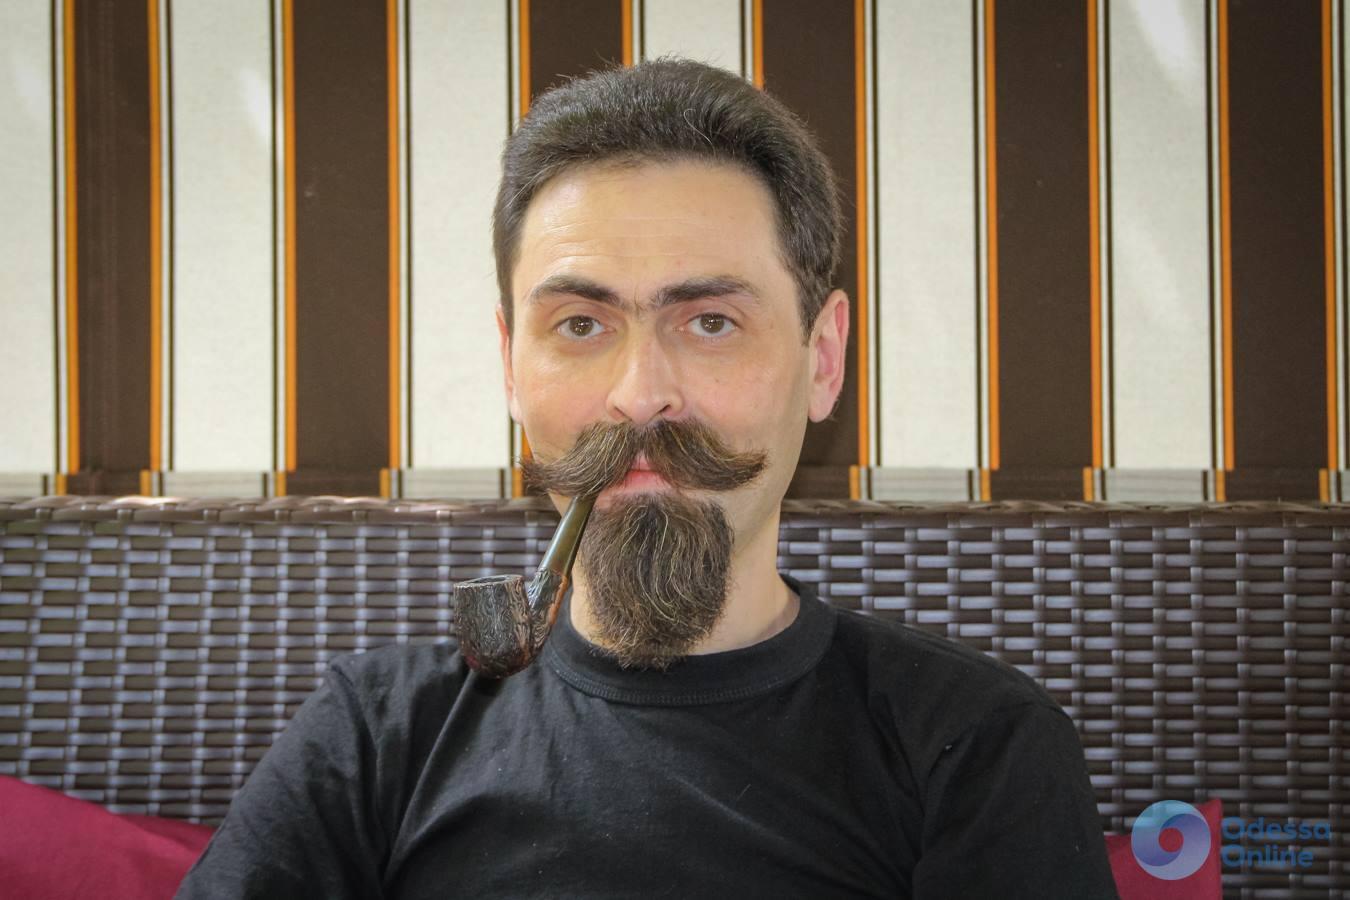 Судмедэксперт Борис Яворский: «Я далеко не самый удивительный и странный человек»